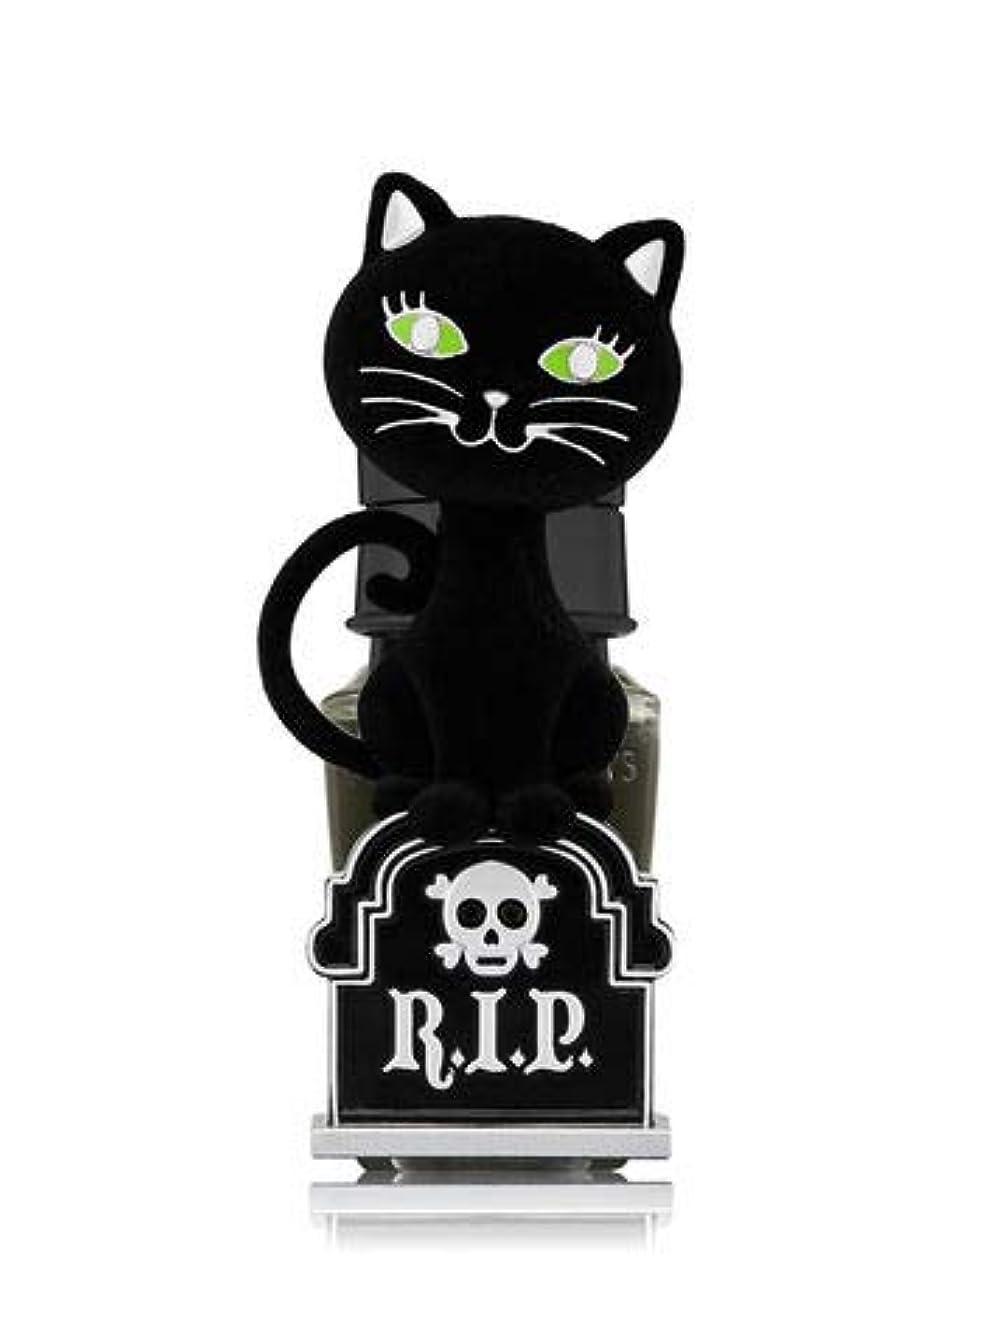 ご注意代名詞戸棚【Bath&Body Works/バス&ボディワークス】 ルームフレグランス プラグインスターター (本体のみ) ハロウィン 黒猫 ナイトライト Wallflowers Fragrance Plug Halloween Tombstone Kitty Night Light [並行輸入品]